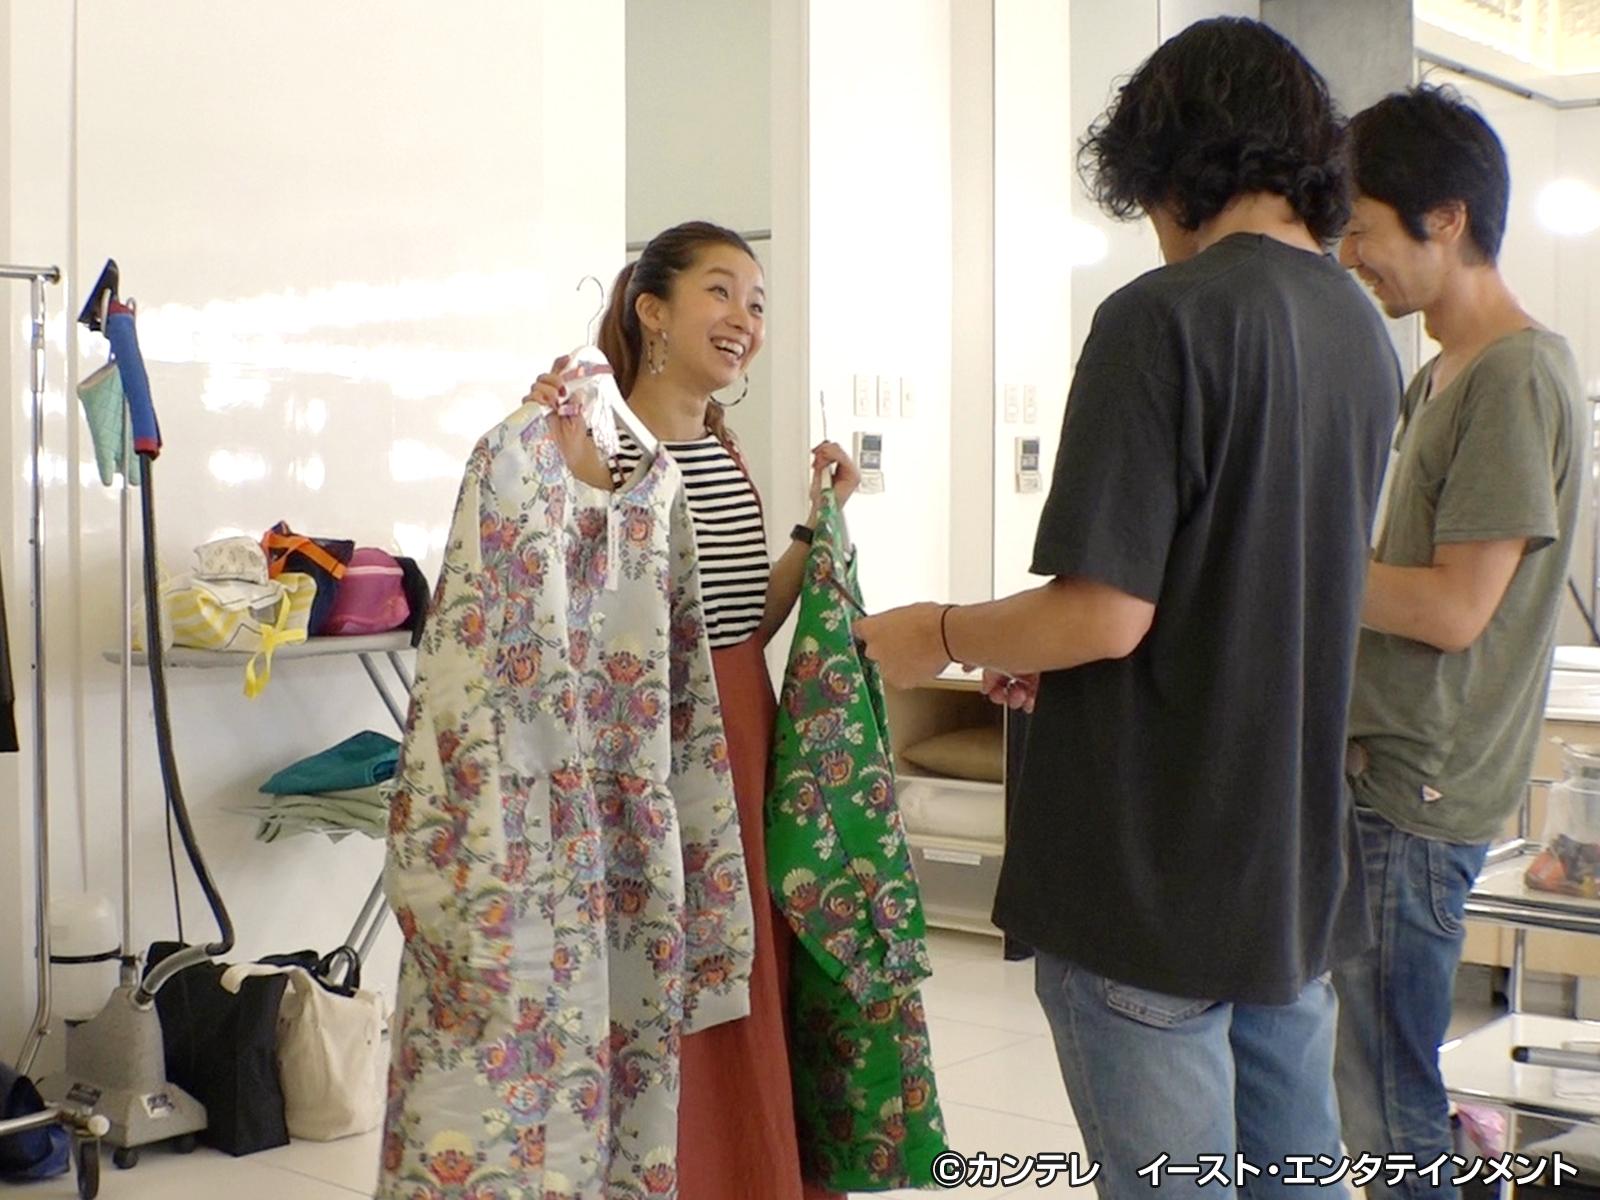 セブンルール/#22 渡辺直美のスタイリスト!大瀧彩乃